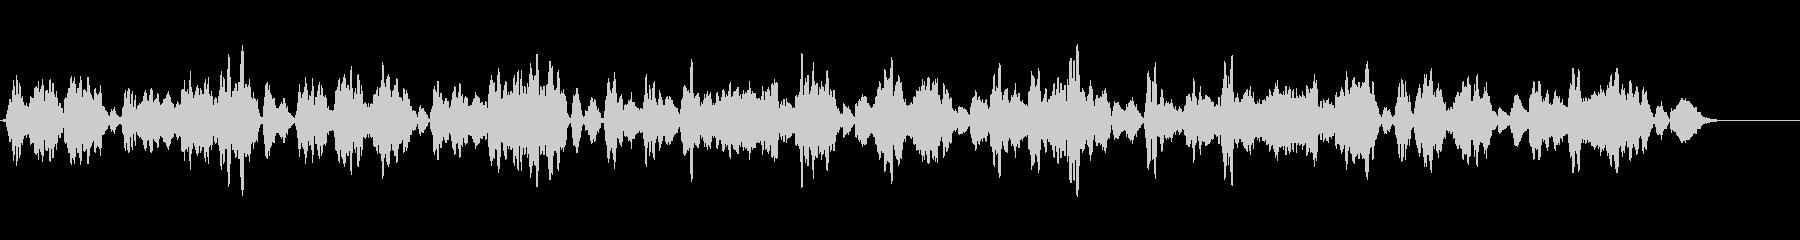 ブラームスのワルツをヴァイオリンソロでの未再生の波形